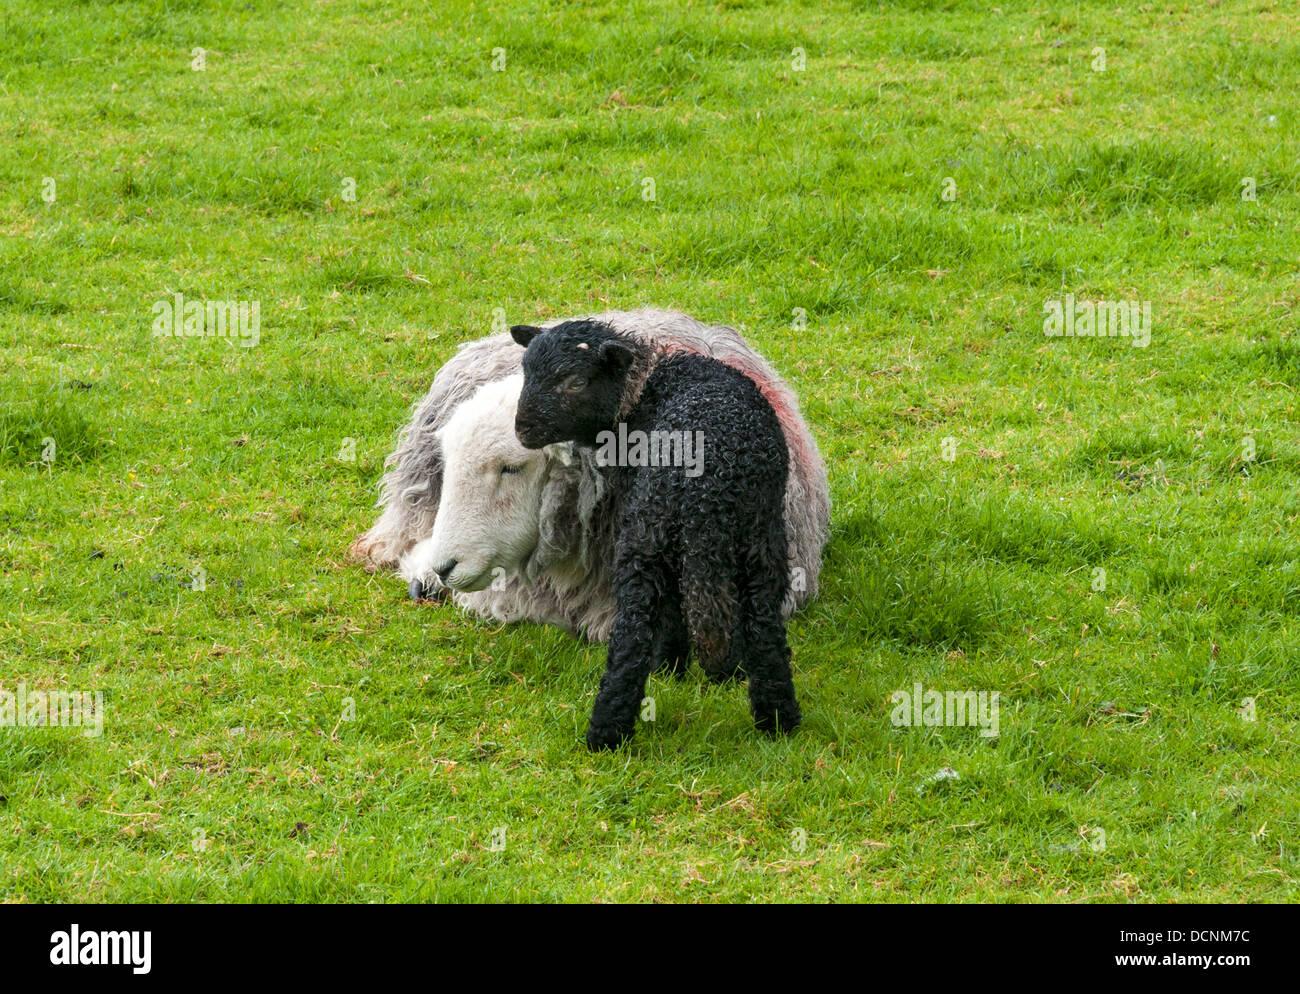 Great Britain, England, Cumbria, Lake District, sheep, white ewe black lamb - Stock Image